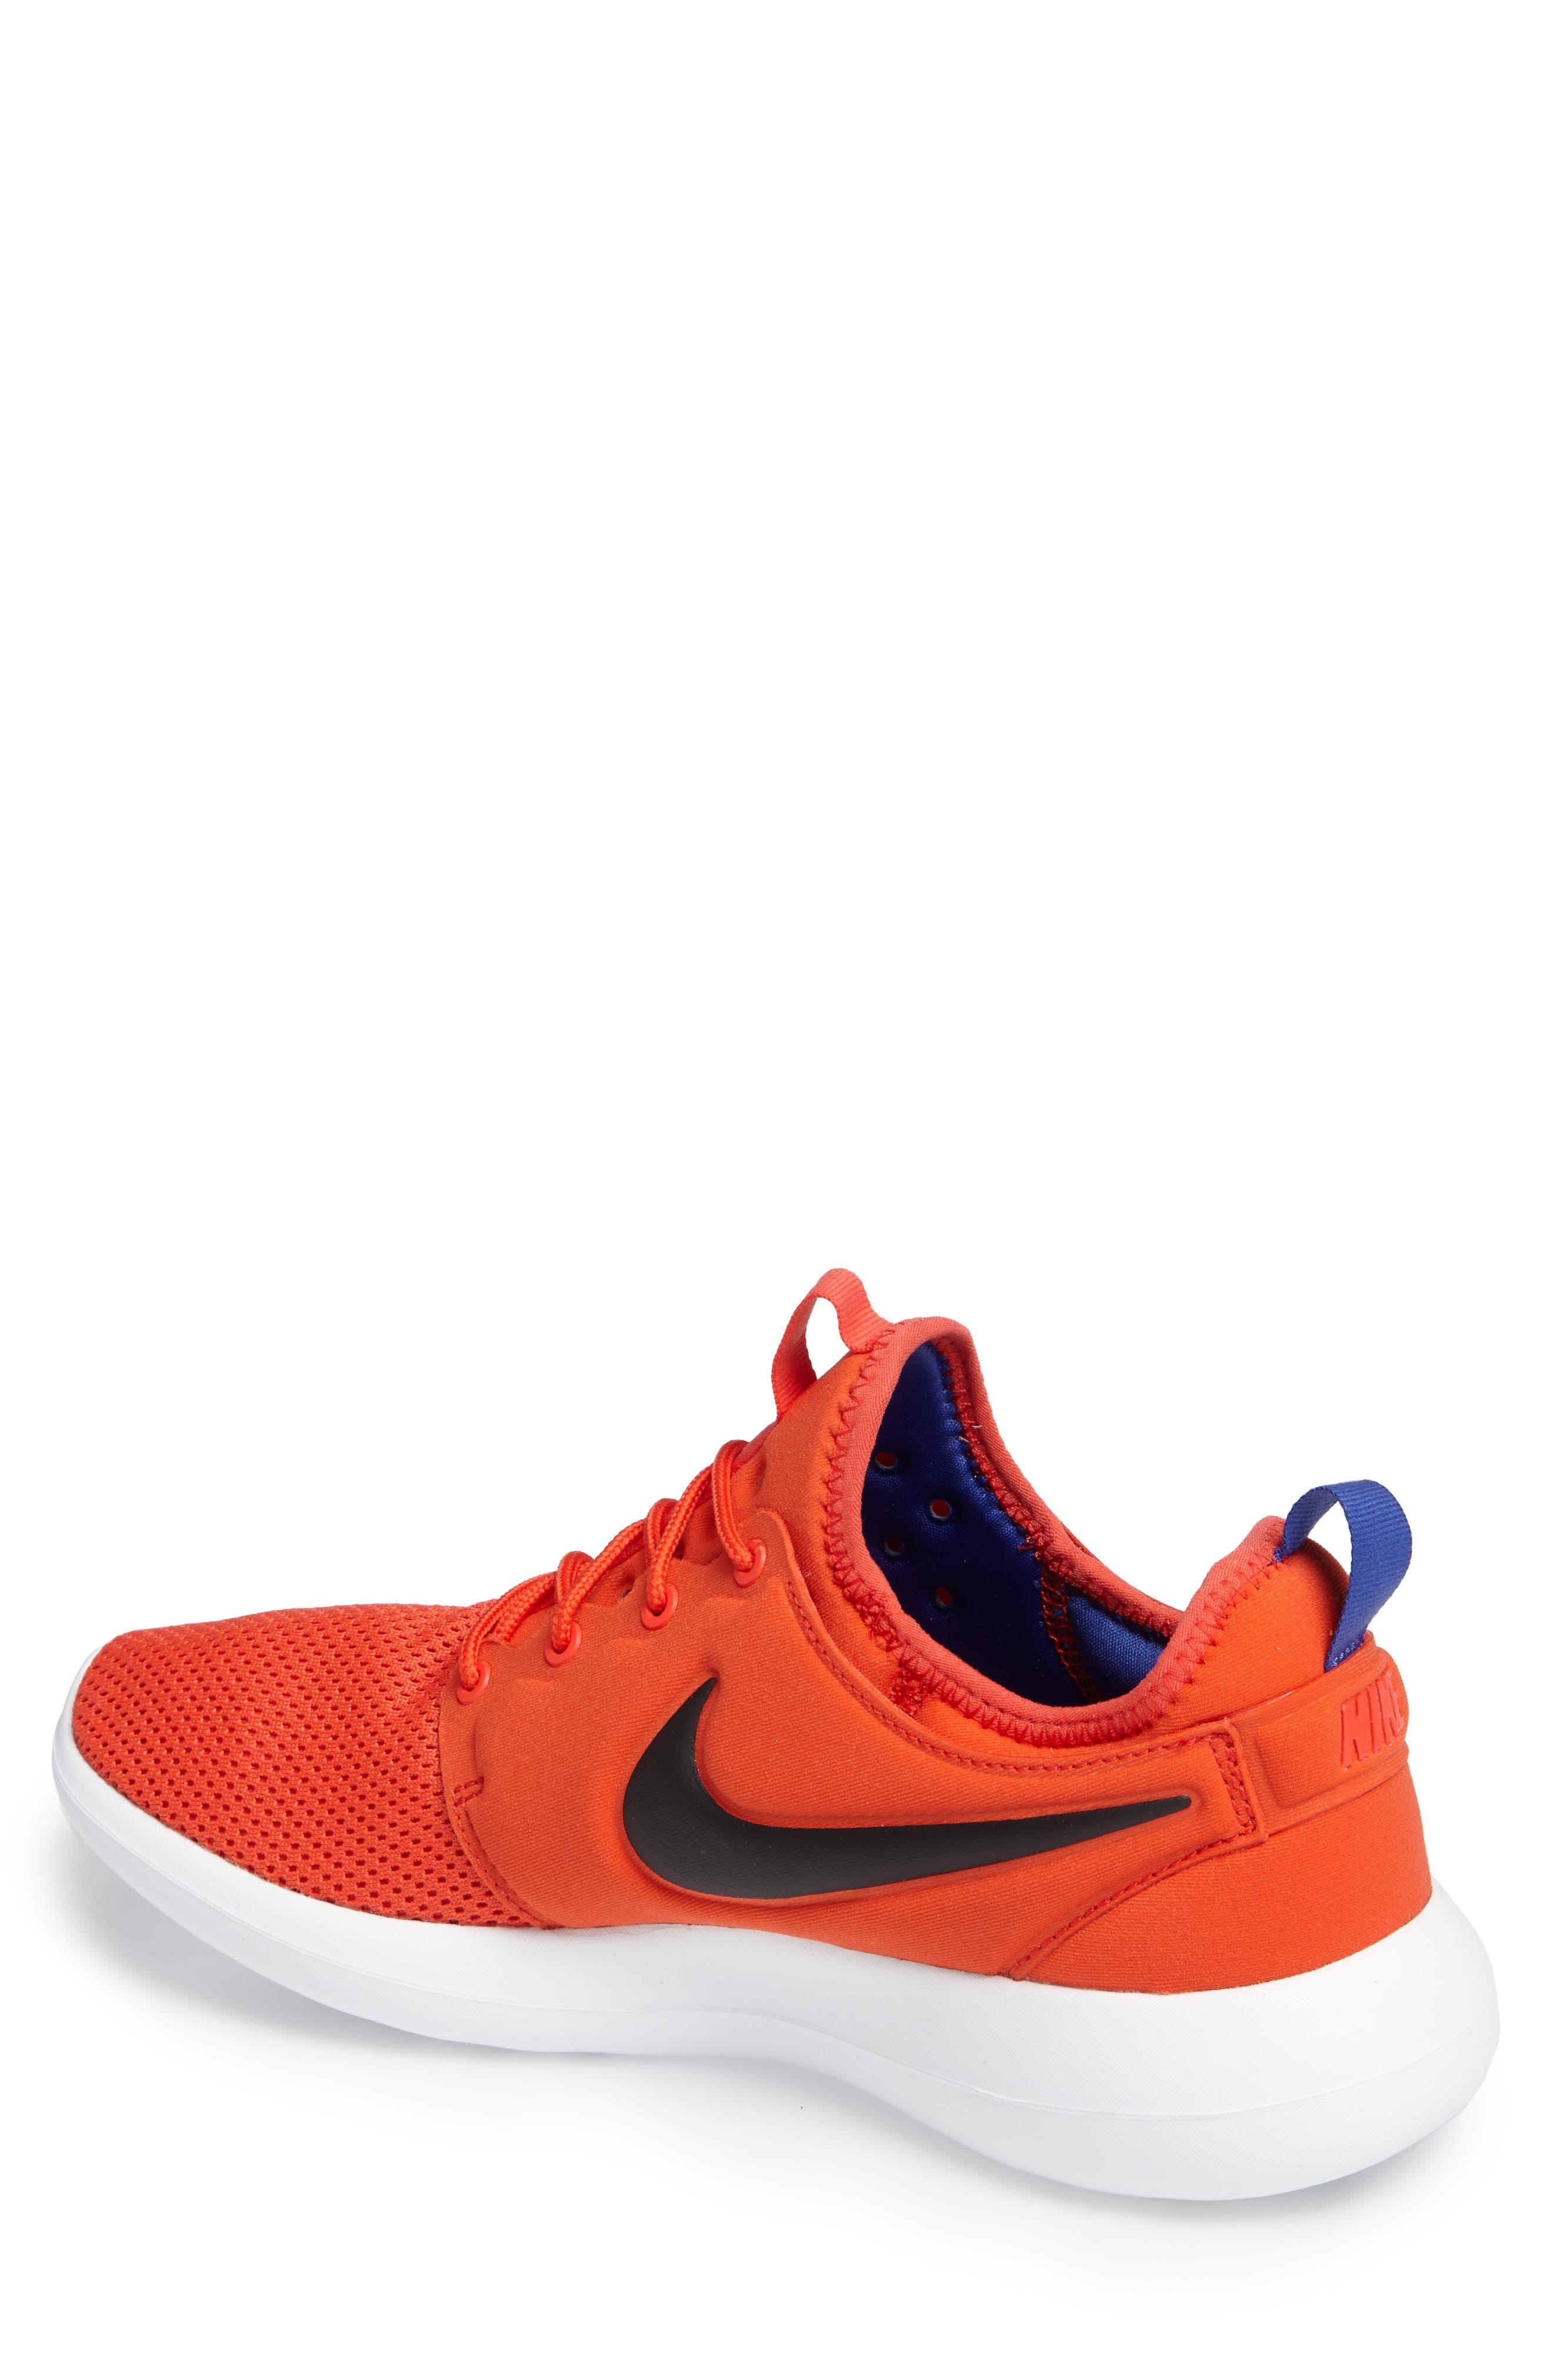 Roshe Two Sneaker,                             Alternate thumbnail 22, color,